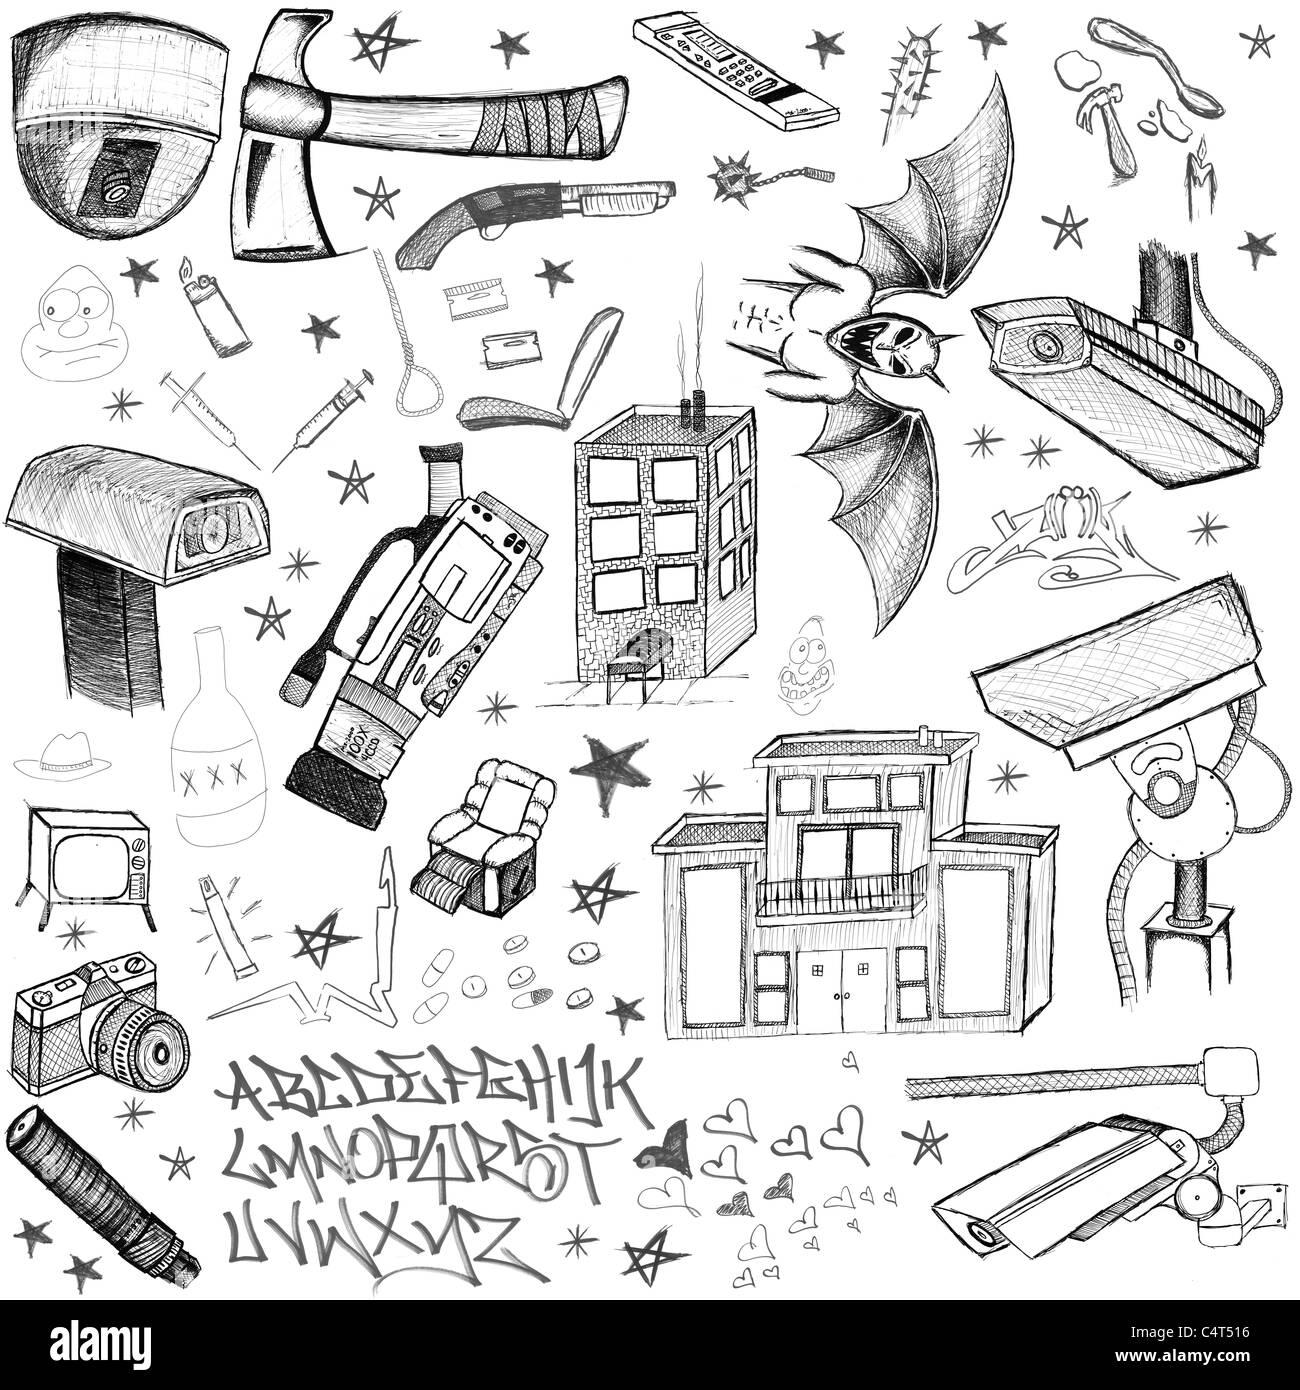 Disegnata a mano scarabocchi gli elementi di design scetch gli scarabocchi disegno Immagini Stock